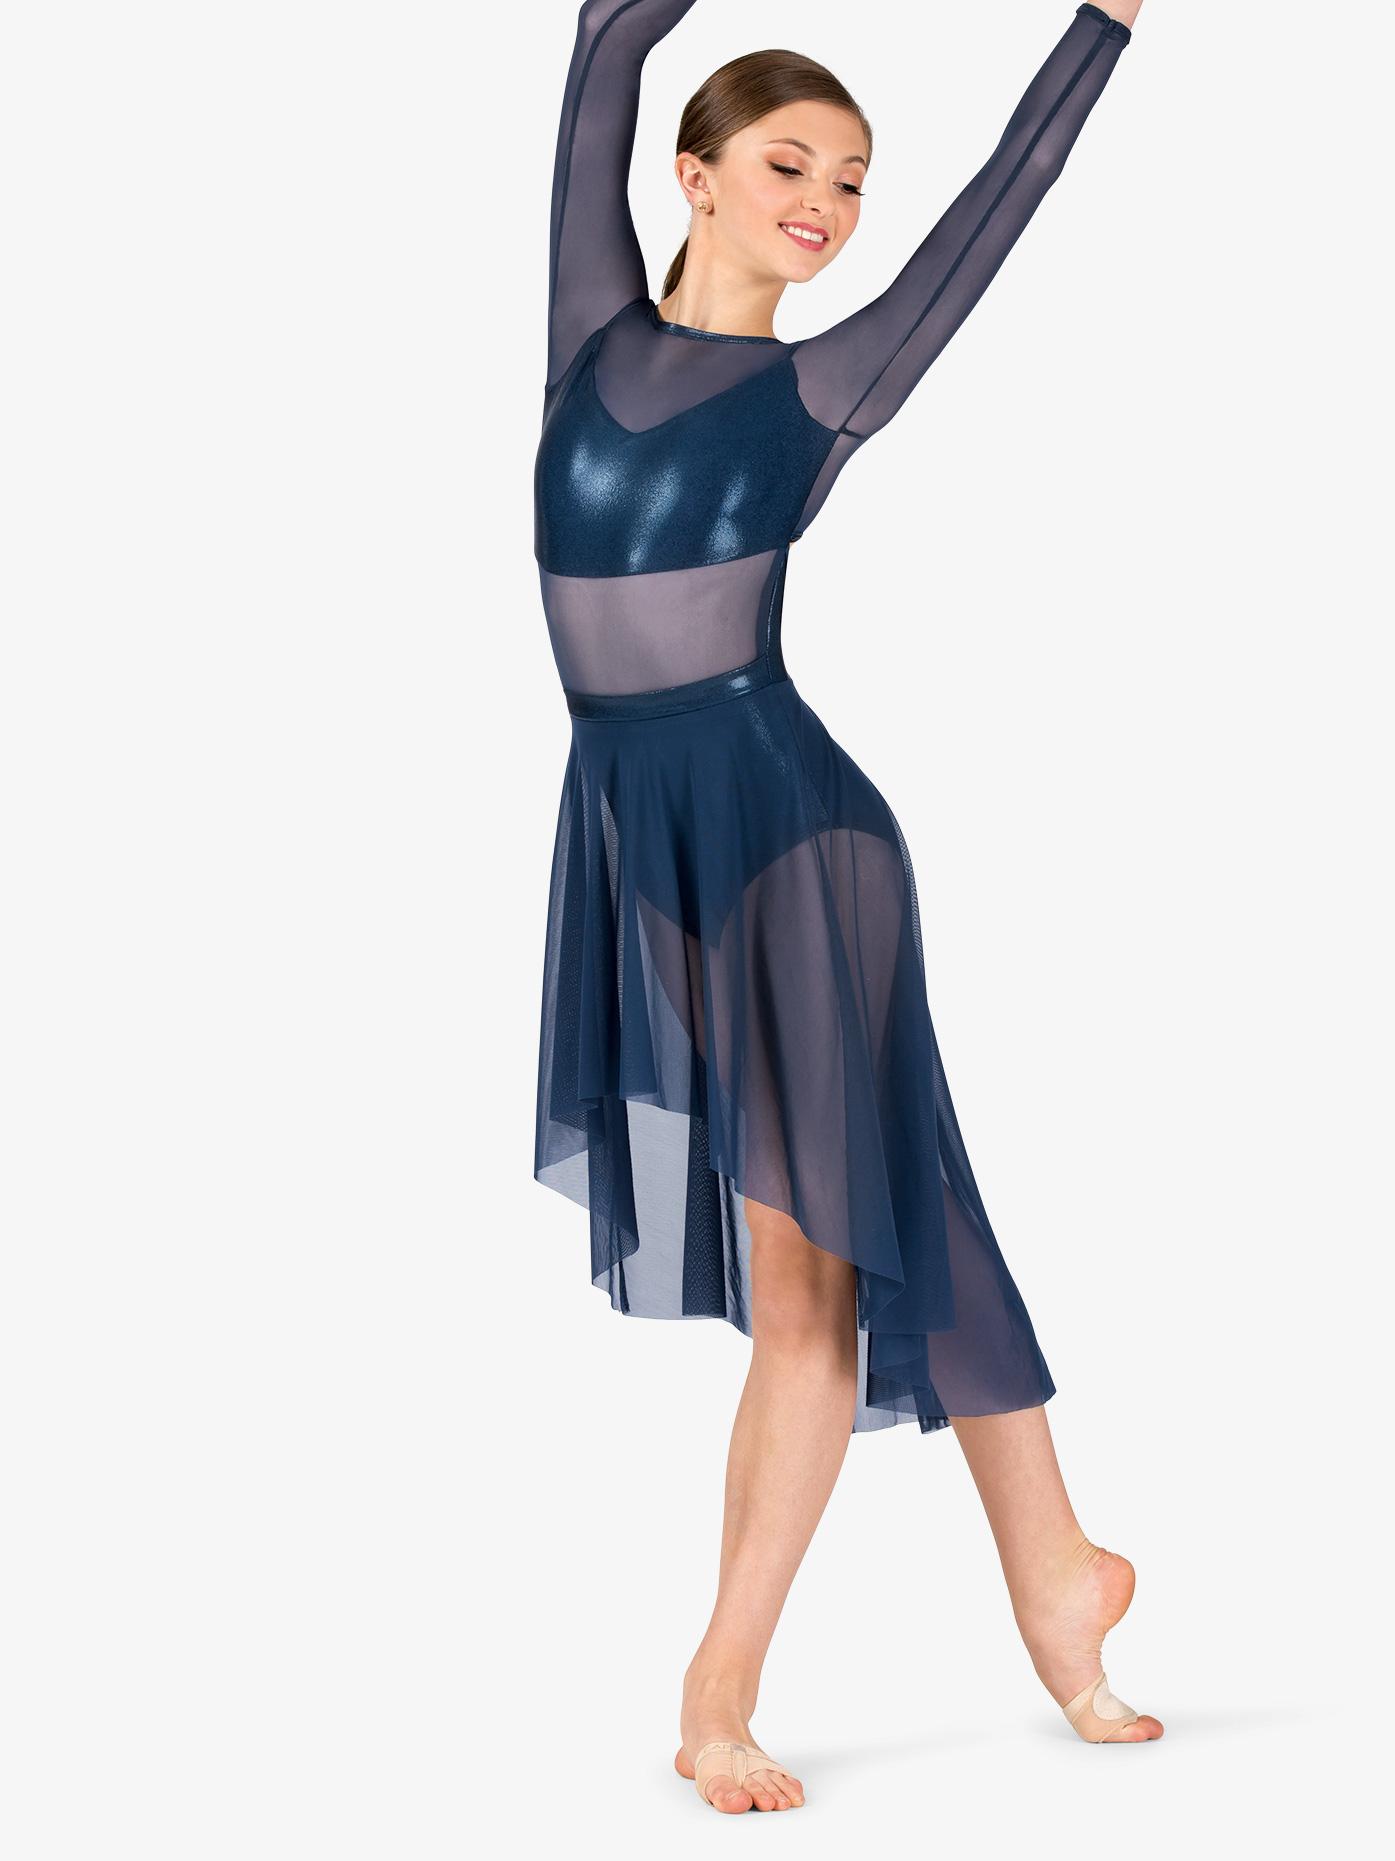 Ingenue Womens Performance Long Sleeve Metallic Mesh Dress ING160